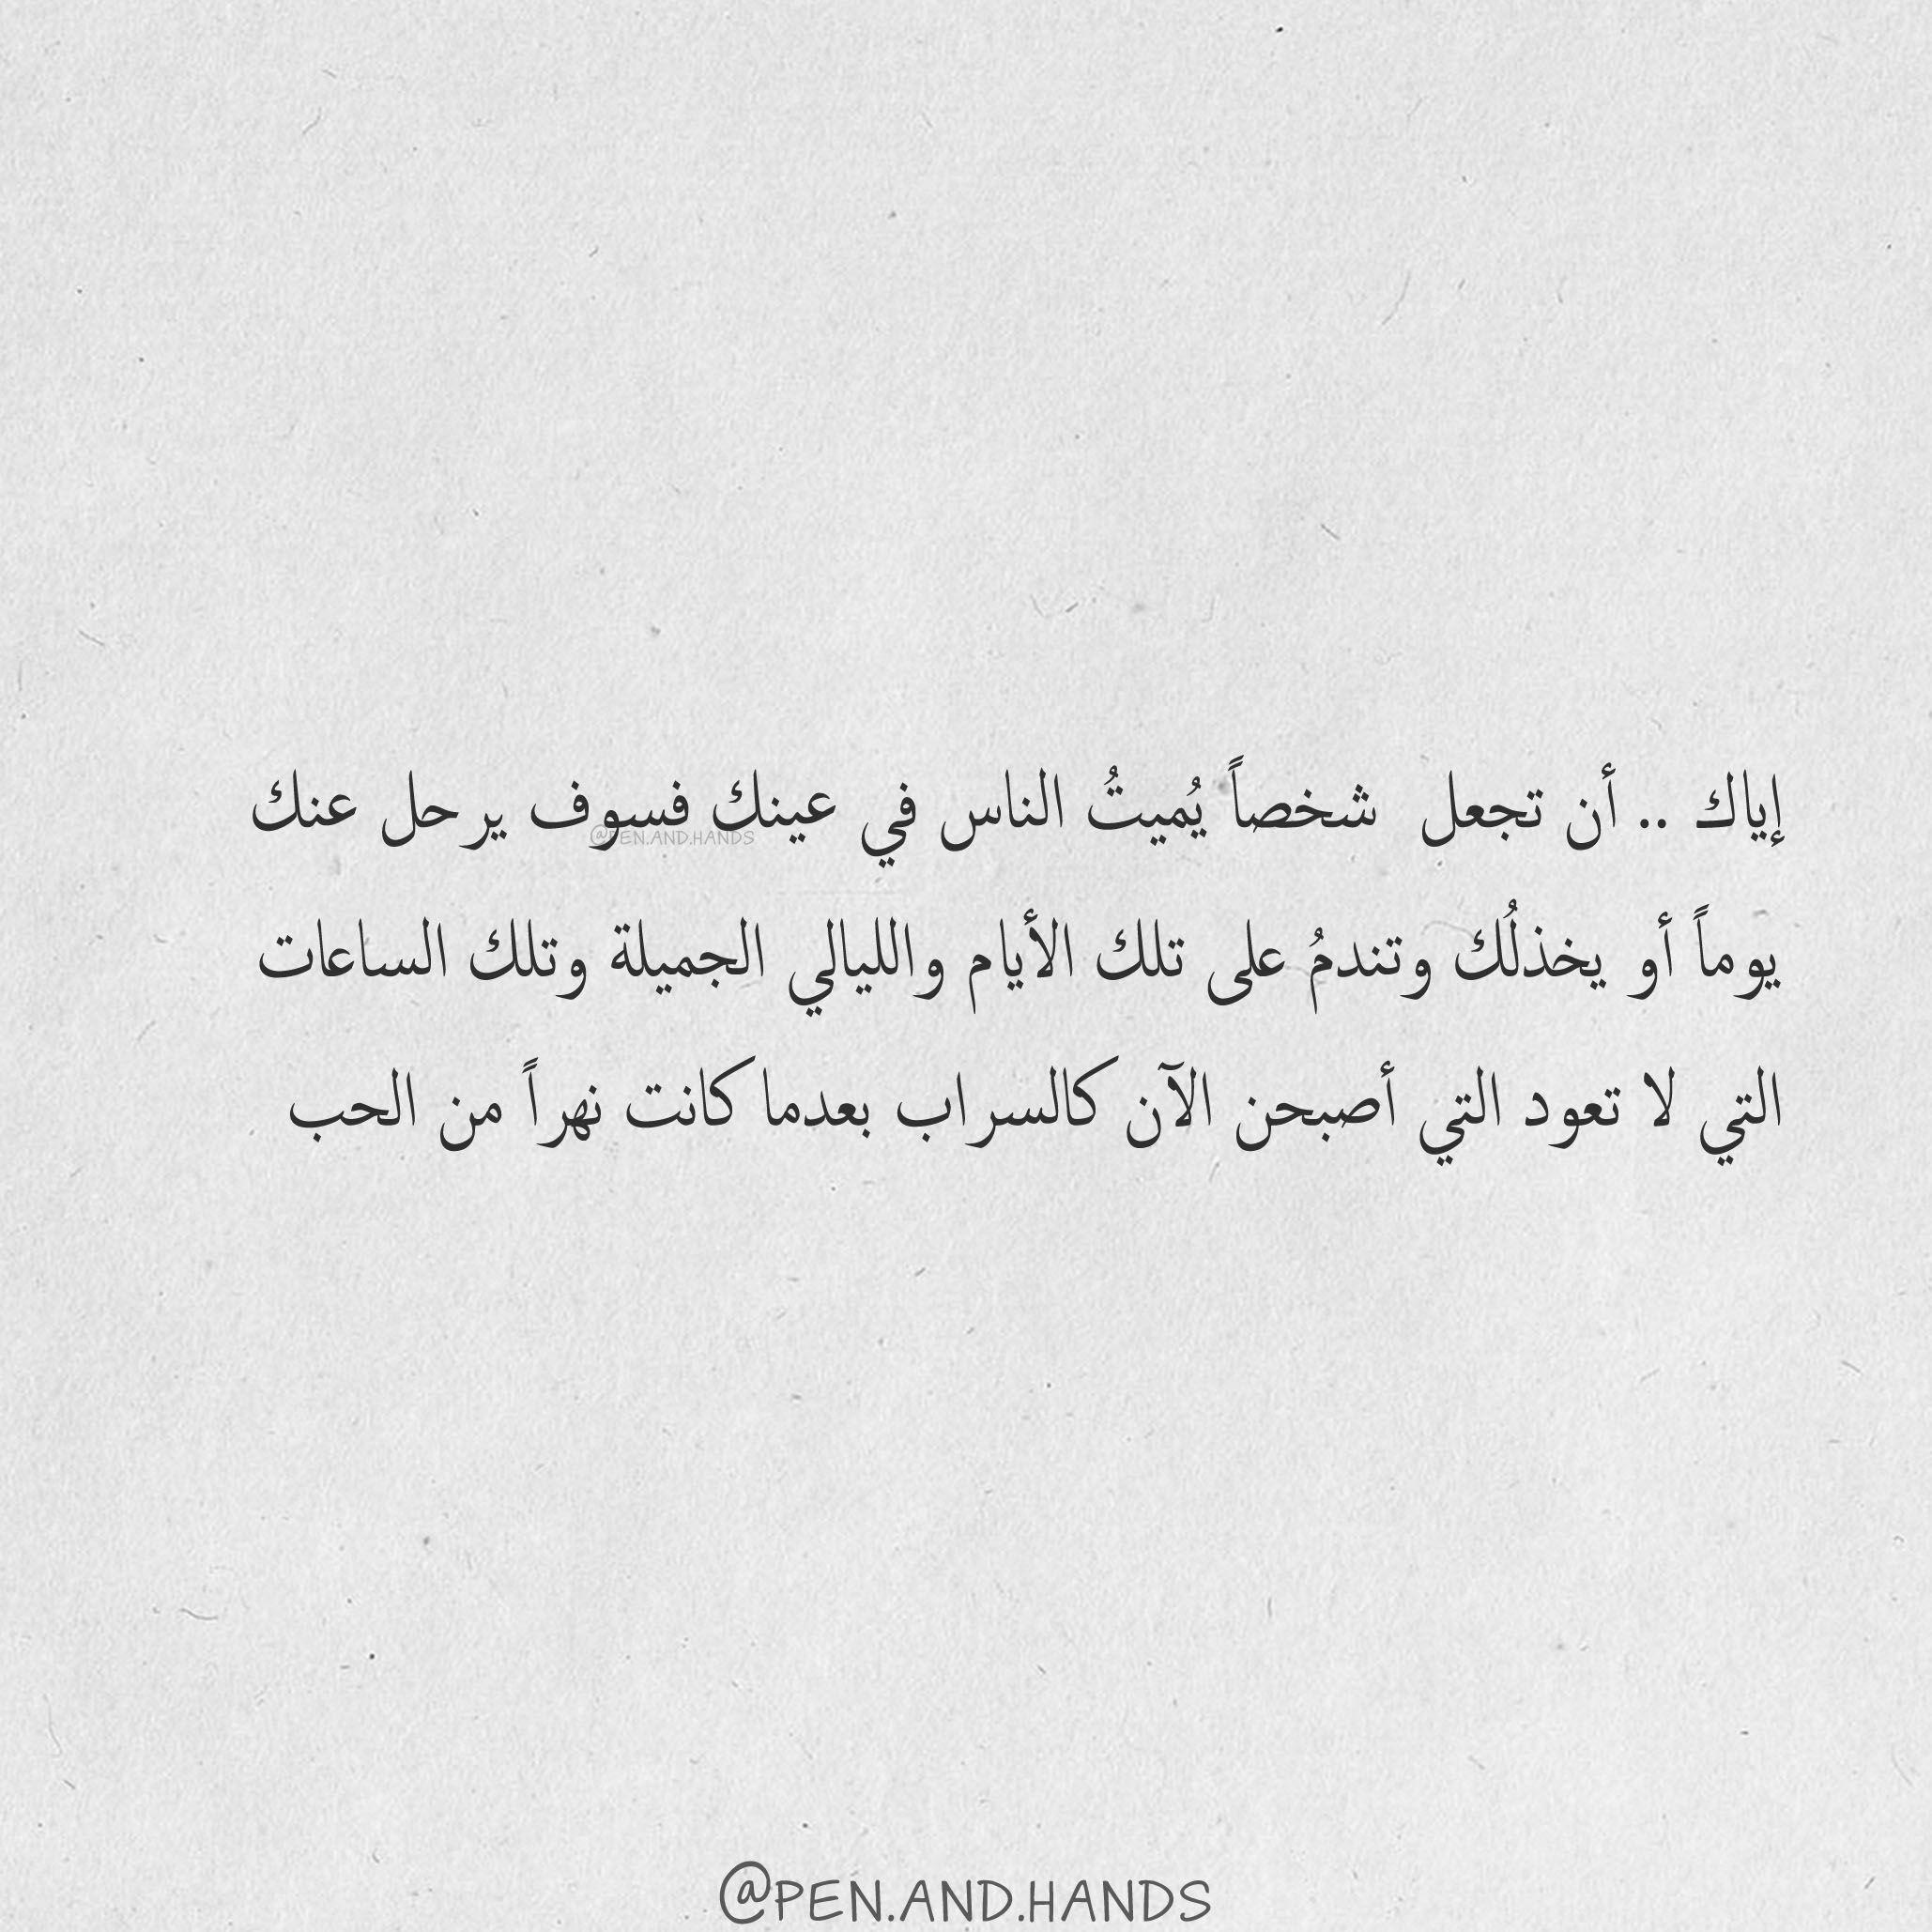 إياك أن تجعل شخصا ي ميت الناس في عينك فسوف يرحل عنك يوما أو يخذل ك وتندم على تلك الأيام والليالي الجميلة وتلك الس Arabic Calligraphy Calligraphy Qoutes